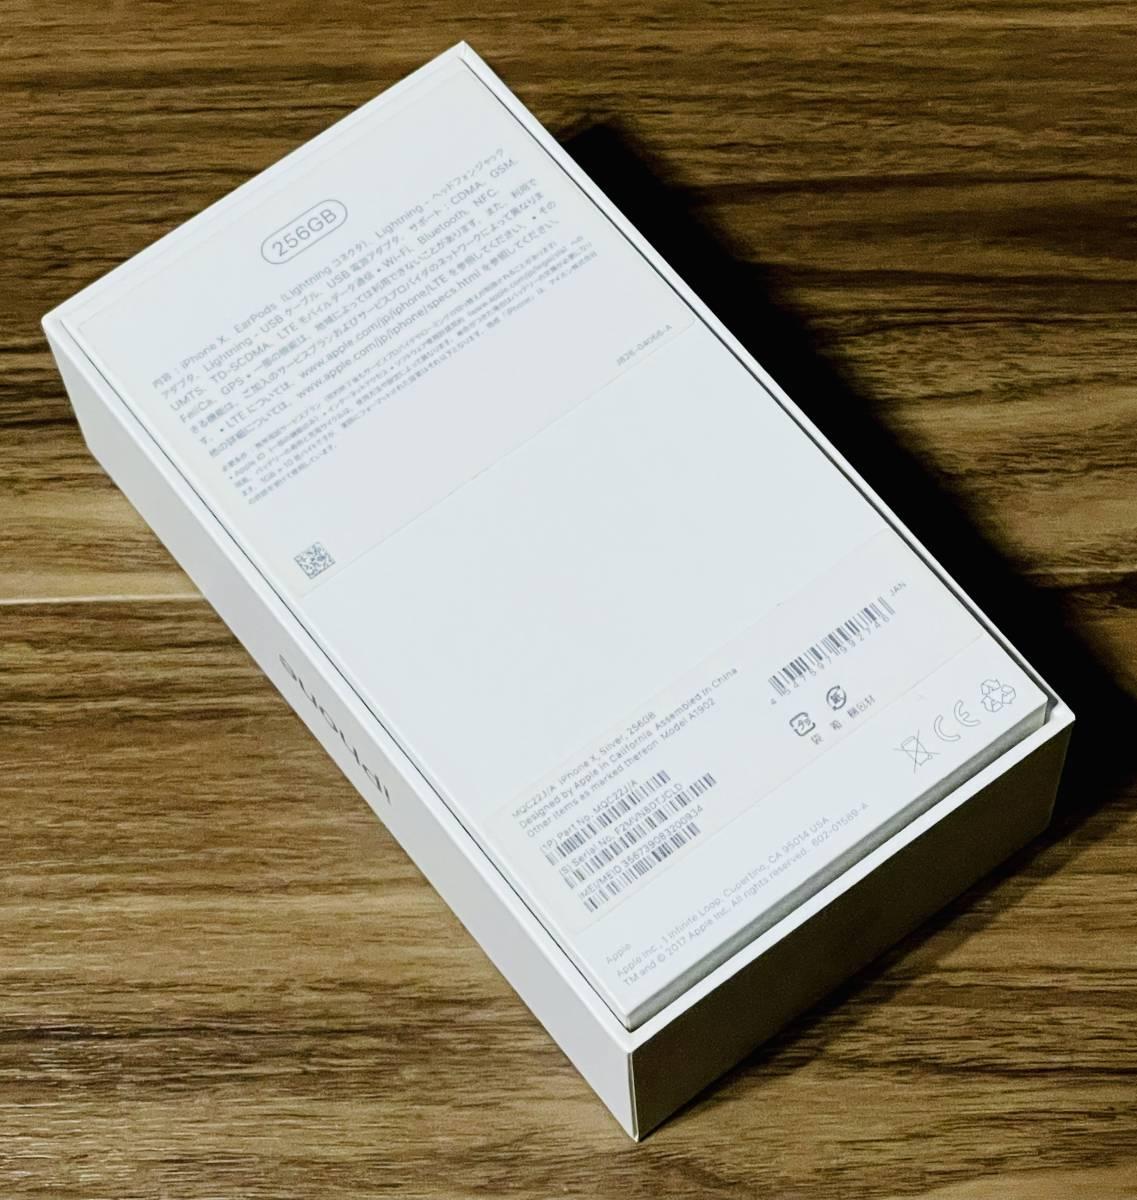 【極美品】Apple iPhone X 256GB シルバー MQC22J/A SIMフリー版_画像3